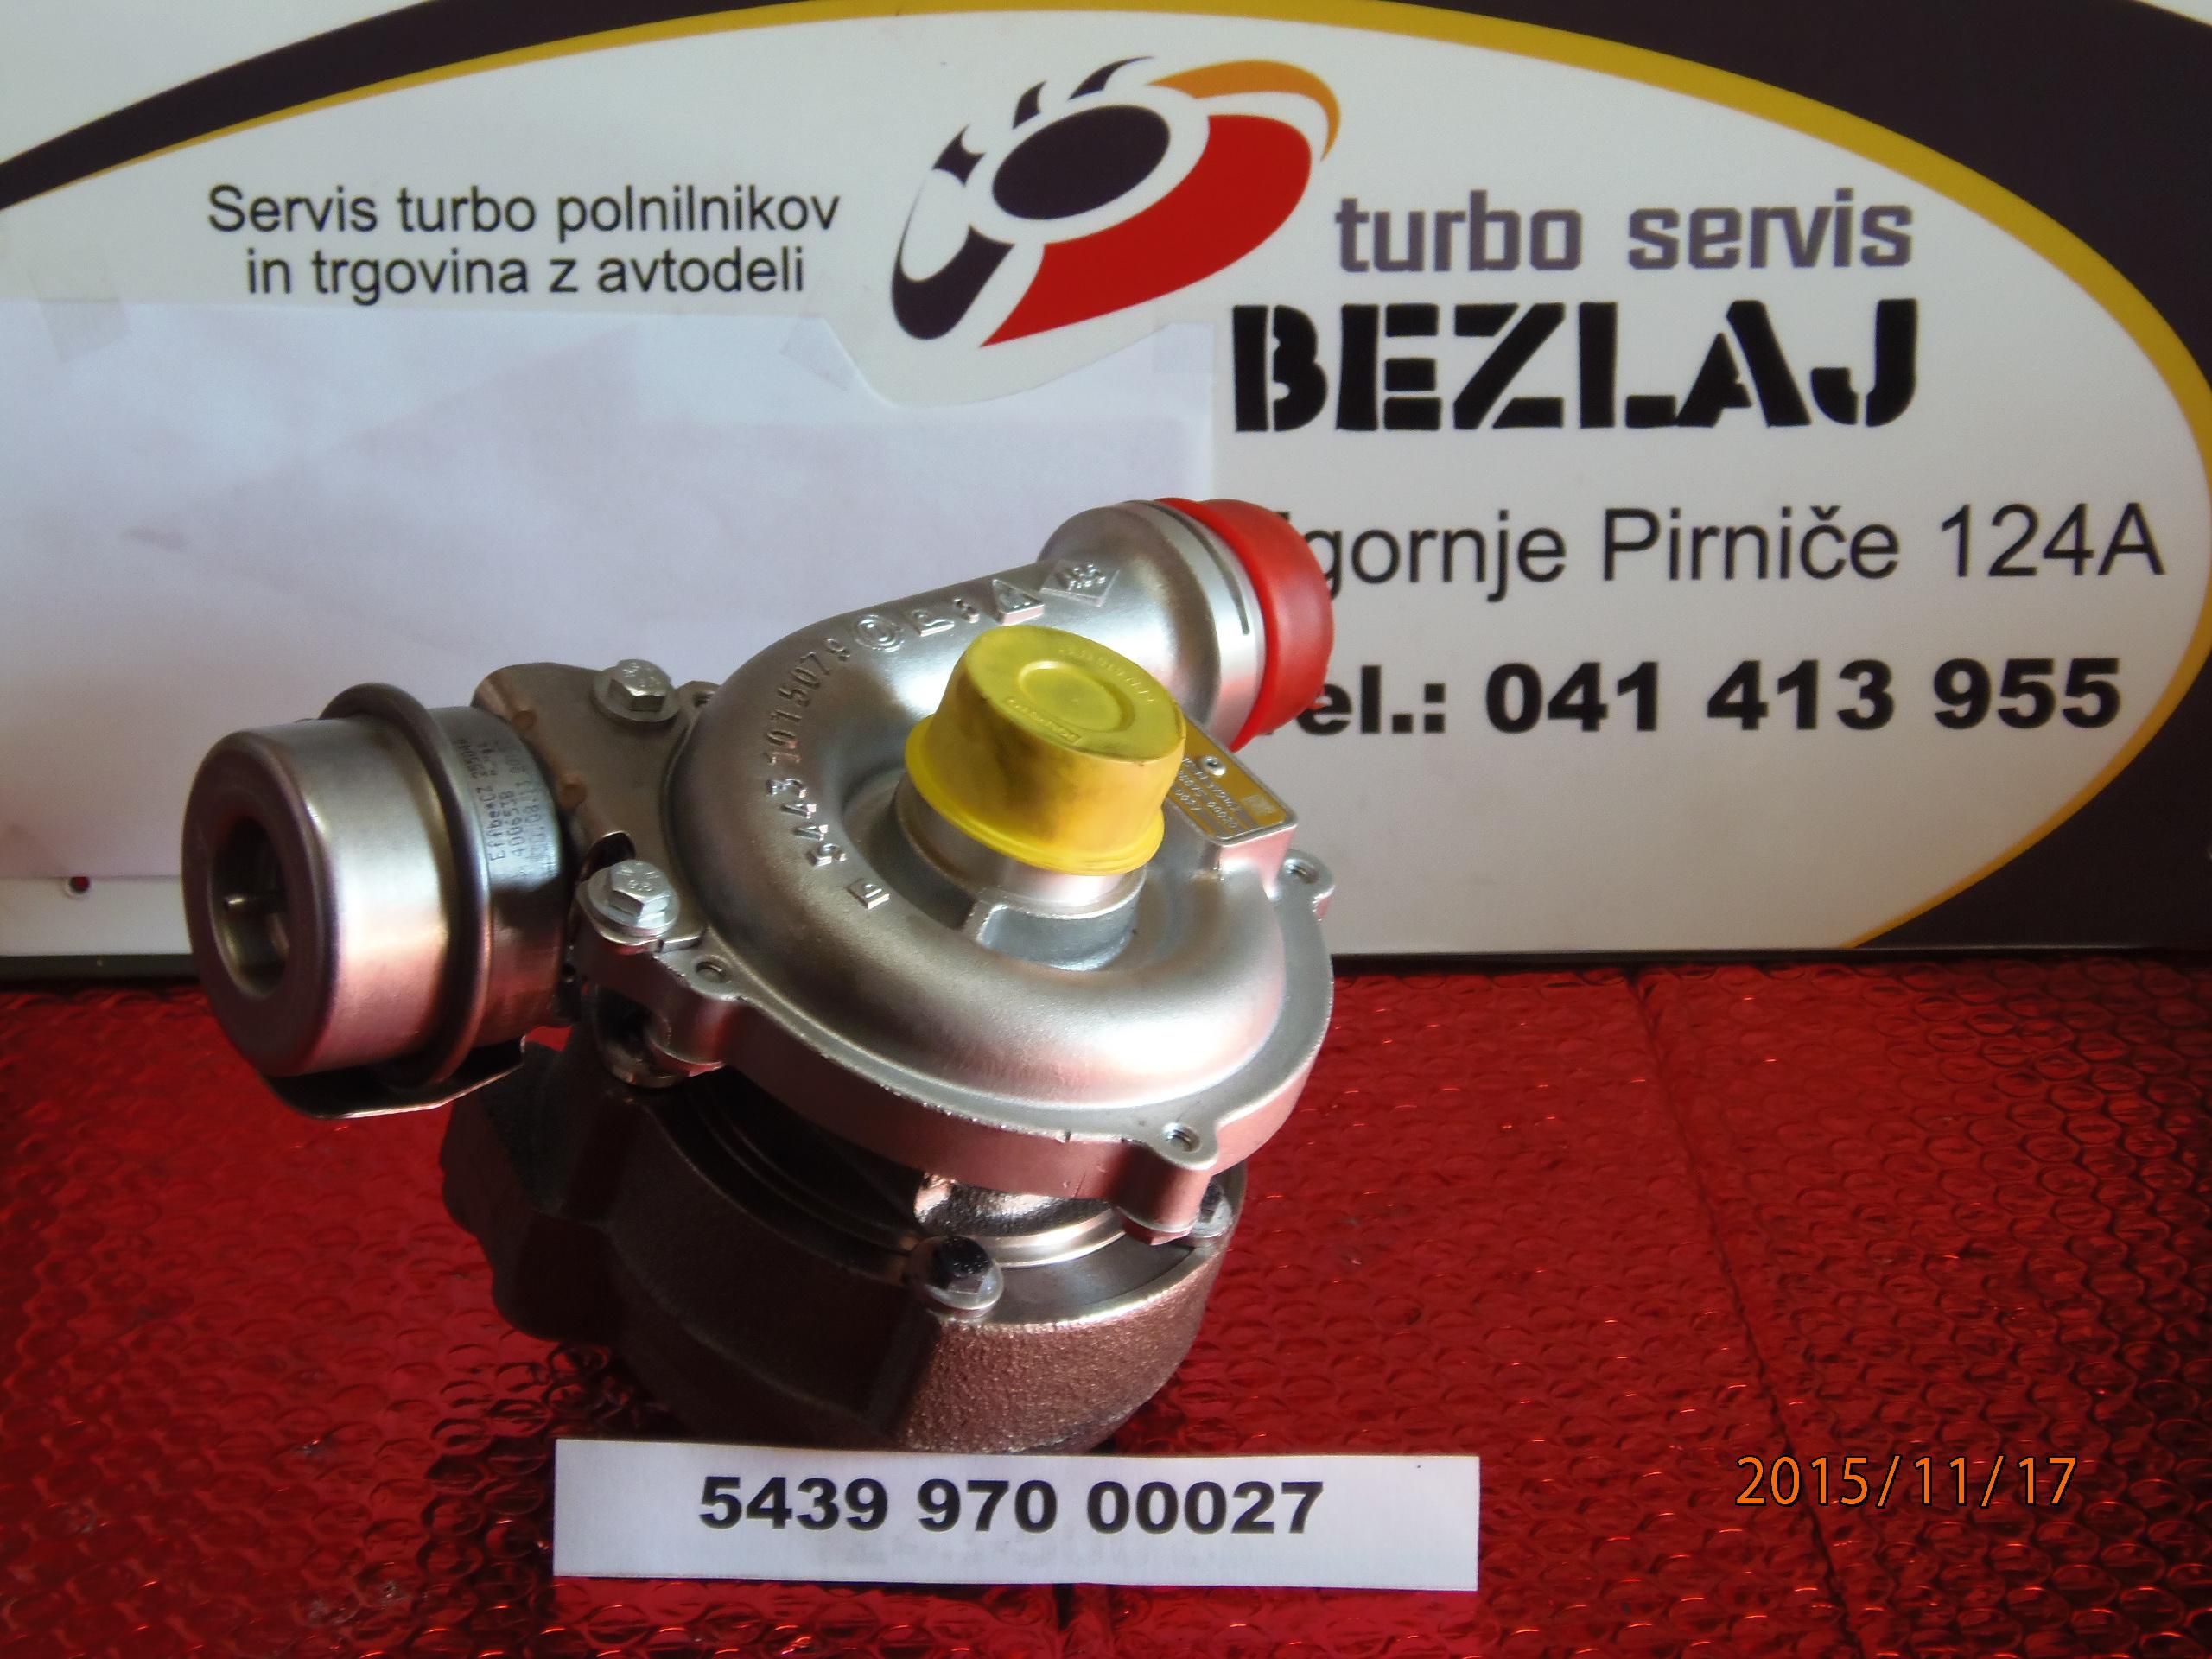 turbo 543997000027